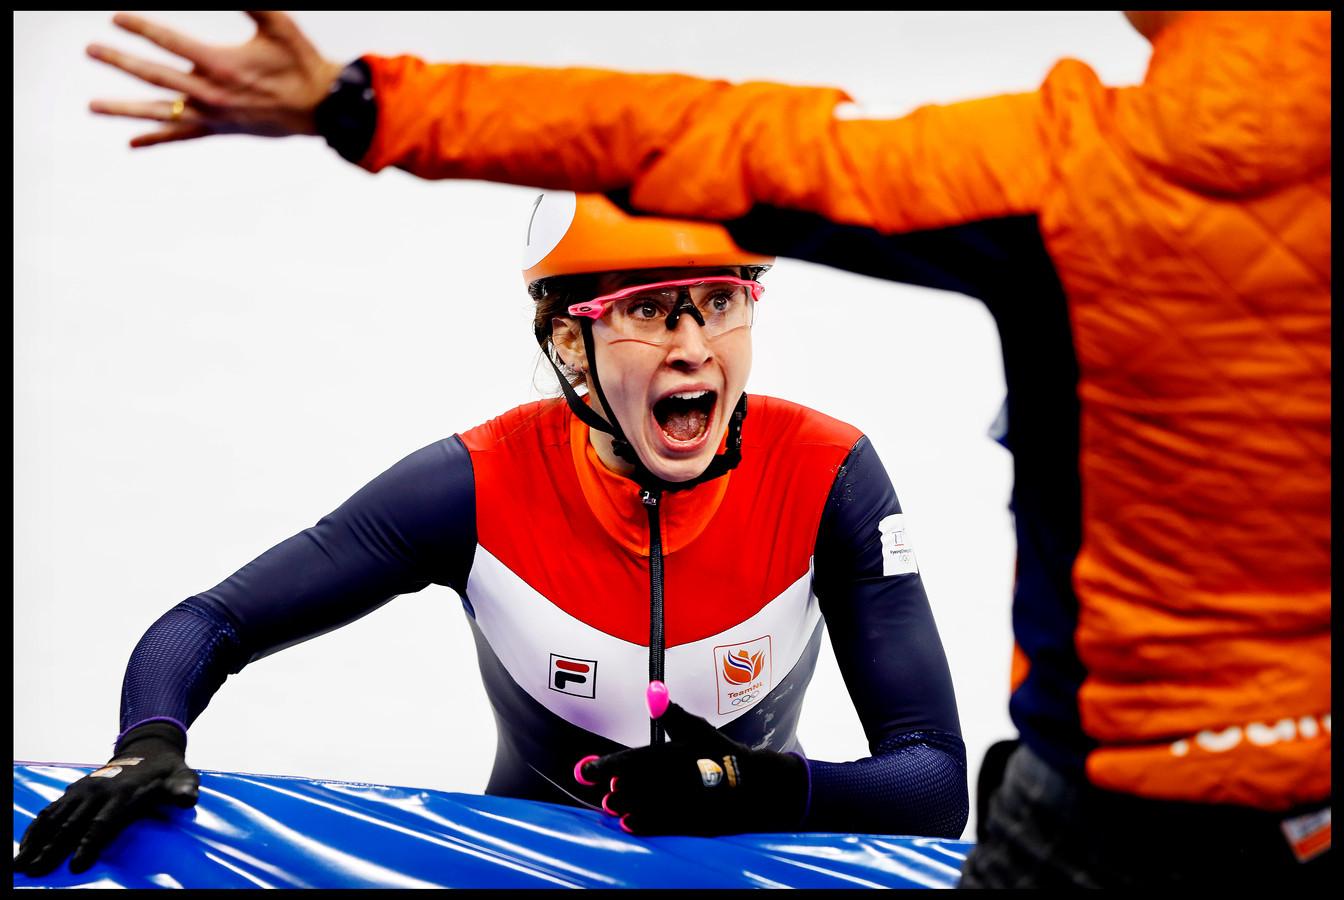 Na de finish zoekt  Suzanne Schulting met grote ogen vol verbazing de wijd openstaande armen van haar coach Jeroen Otter om de Olympische titel samen te vieren.